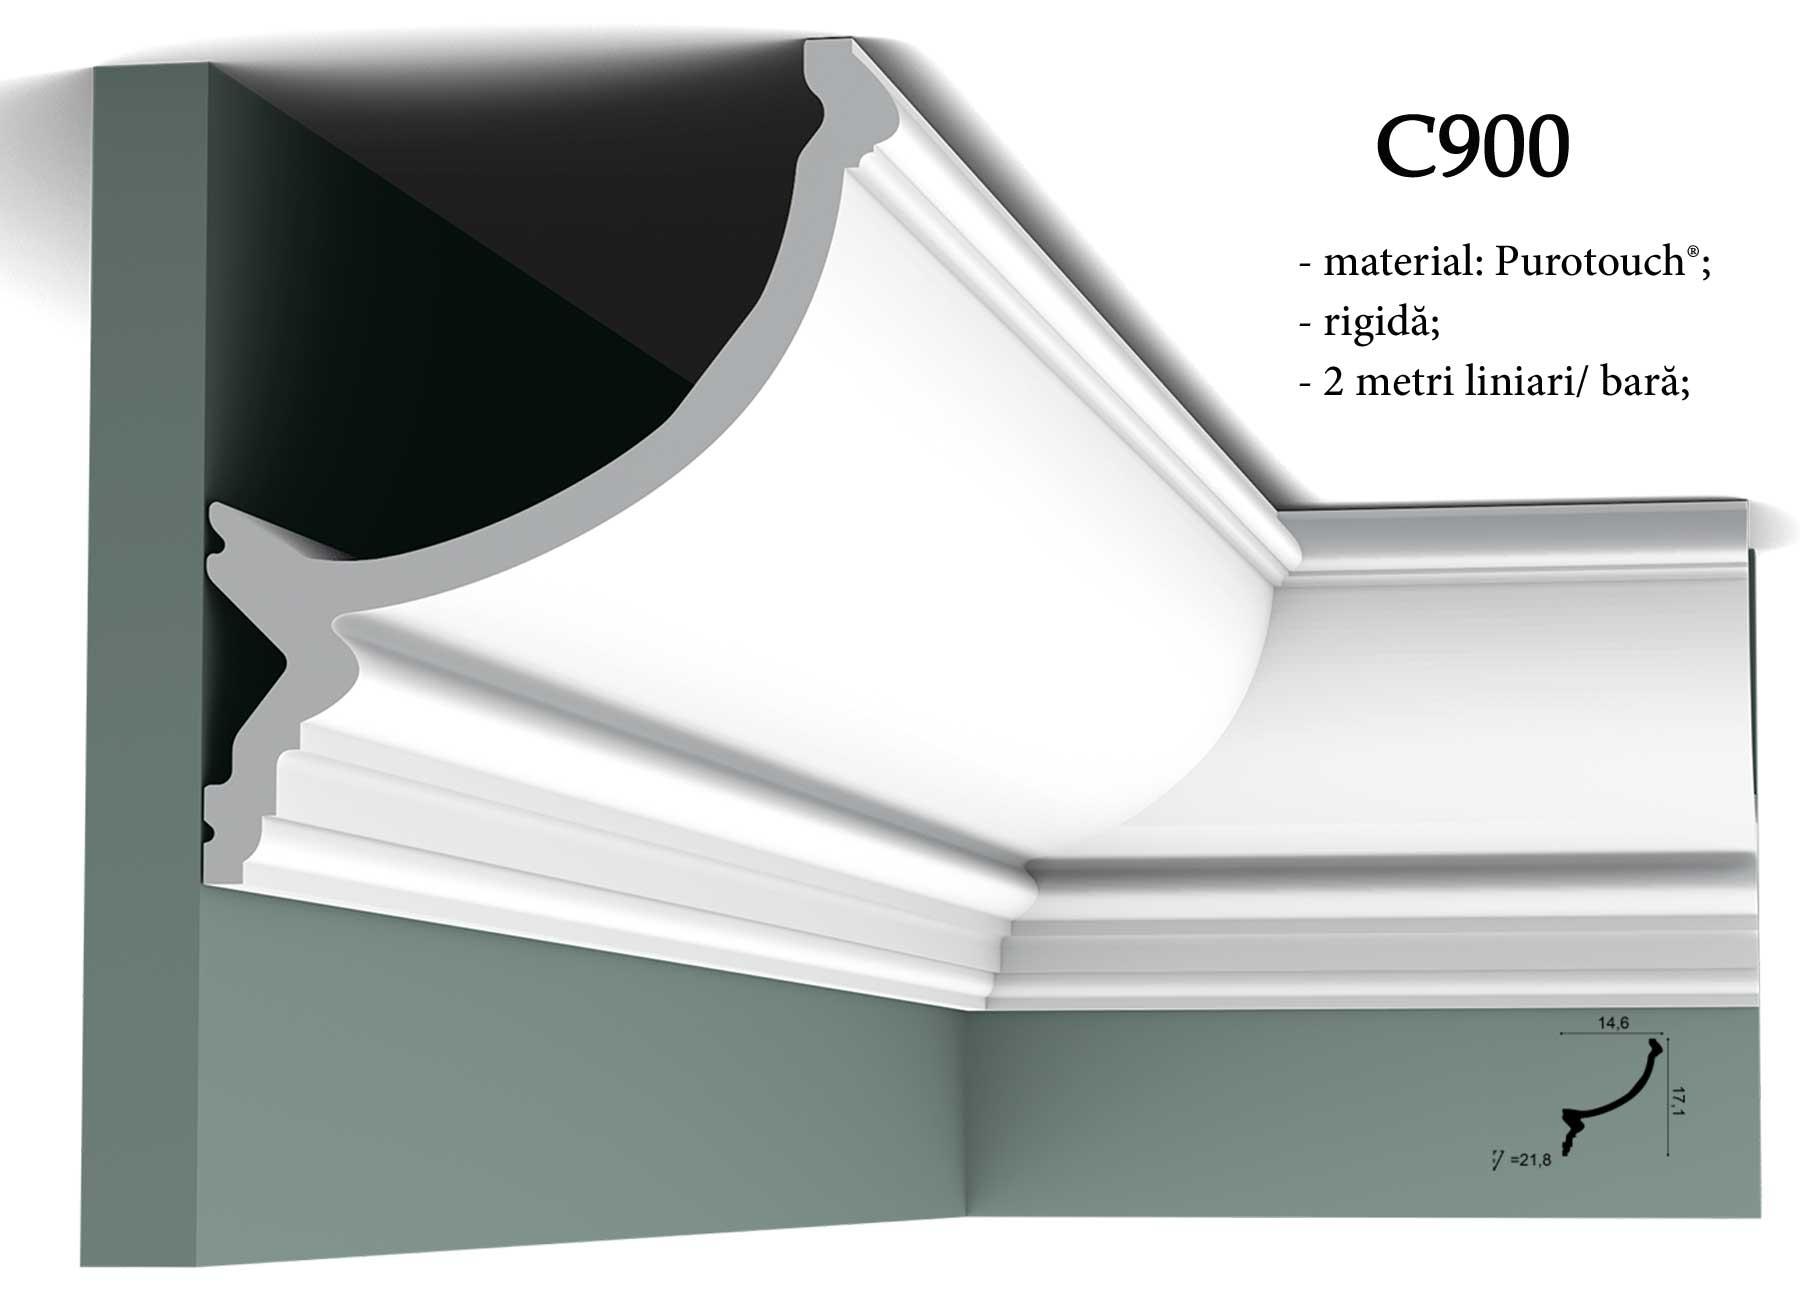 C900 Coltar decorativ pentru tavan Orac Decor.